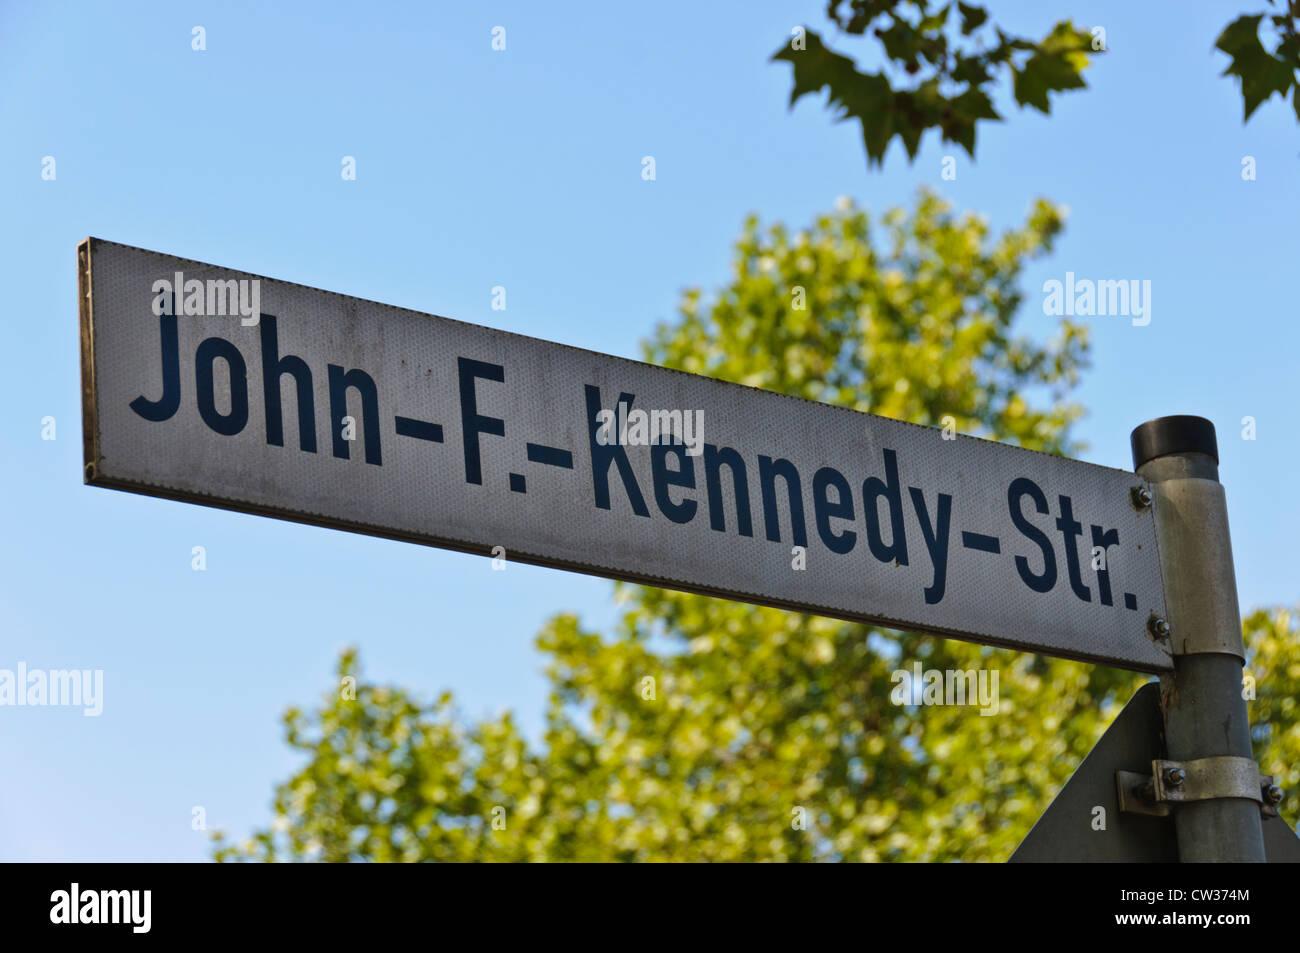 John-F.-Kennedy-Str. street sign - Heilbronn Germany Europe - Stock Image